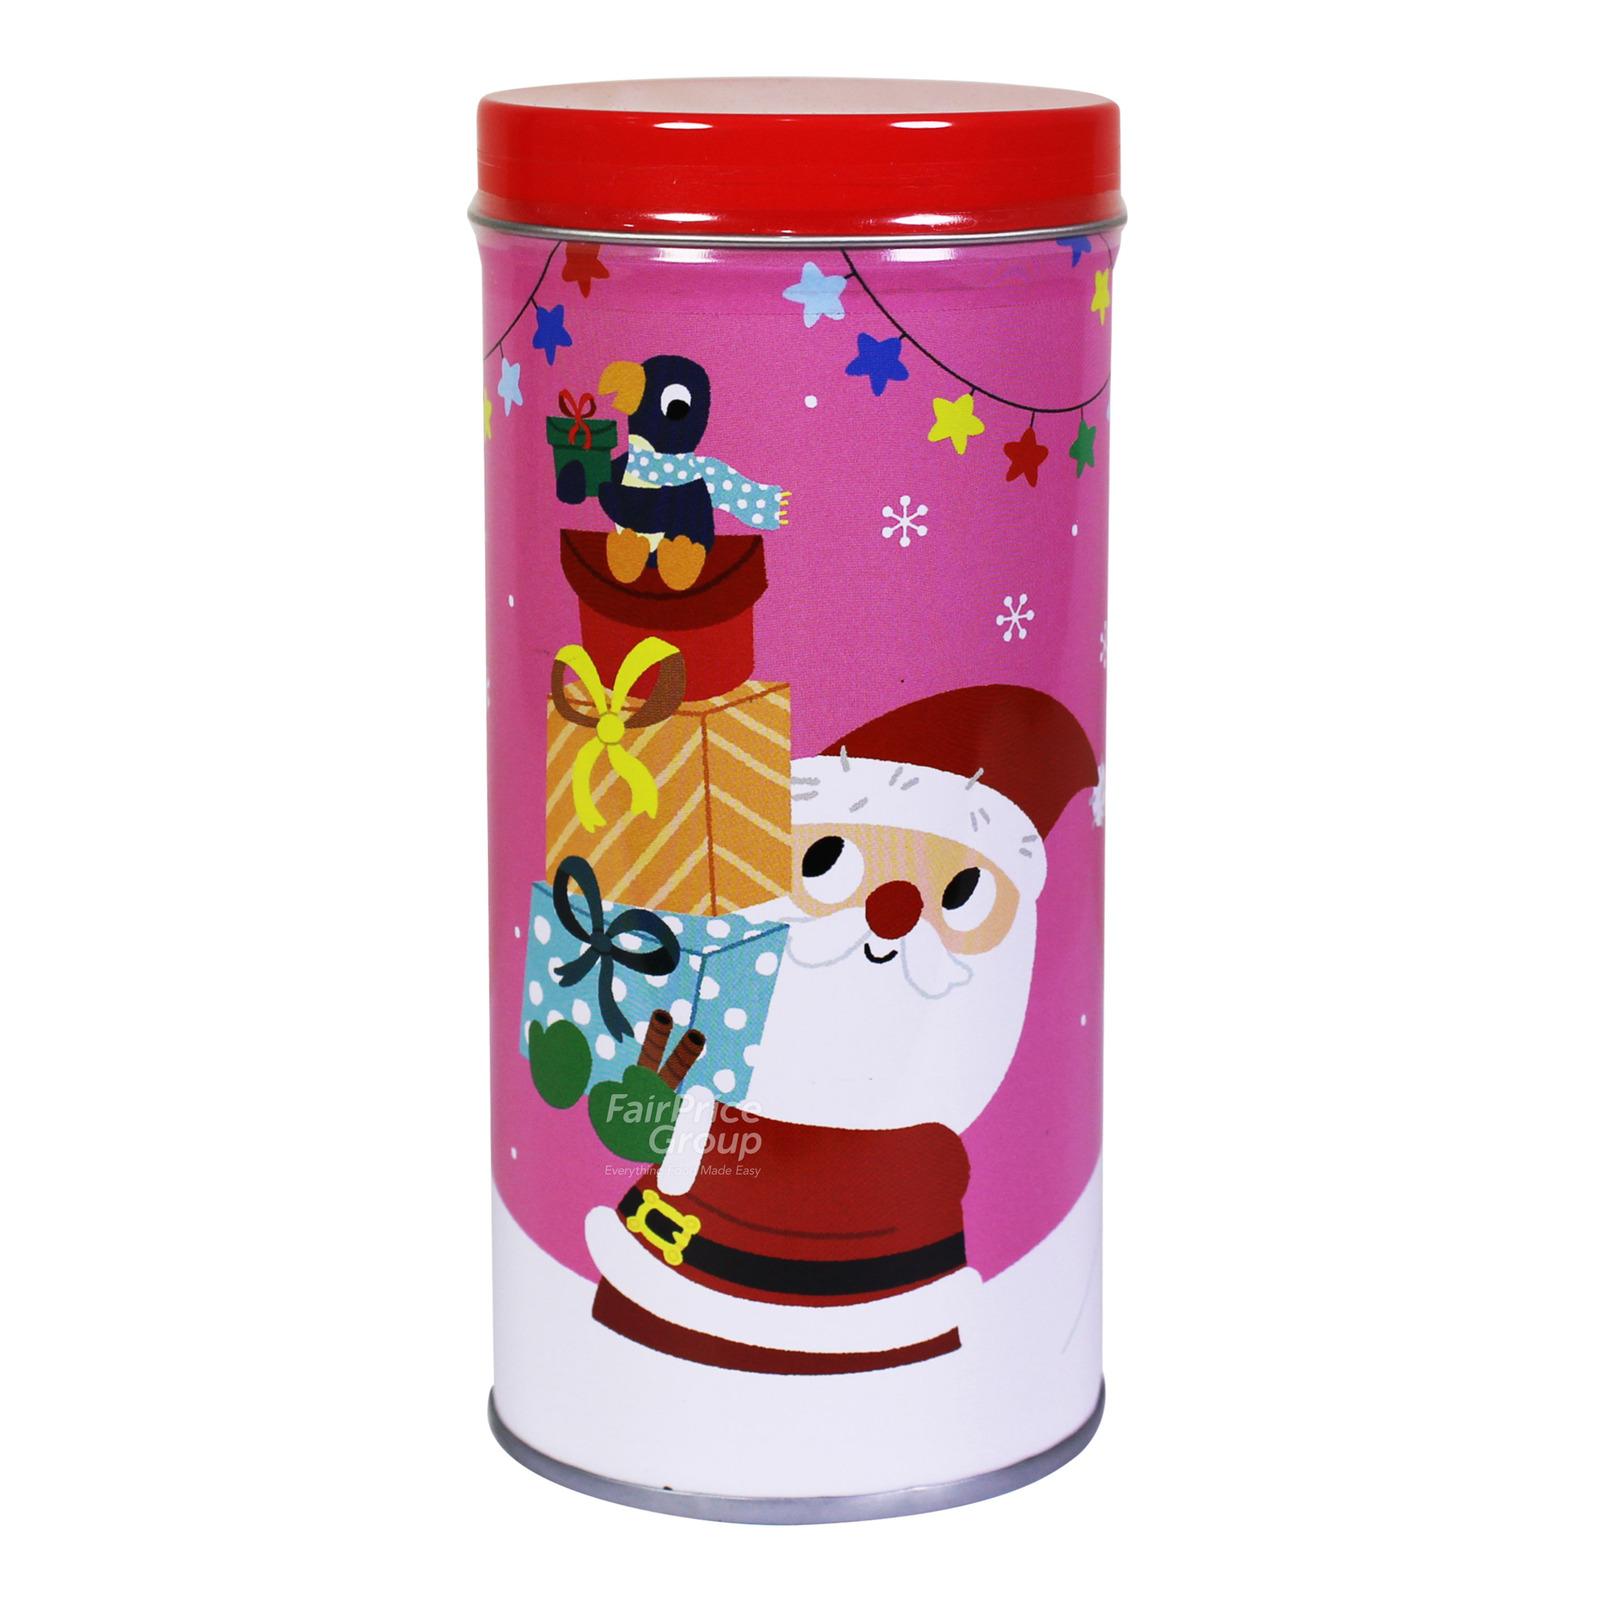 Redondo Christmas Cream Wafer - Cookies & Cream